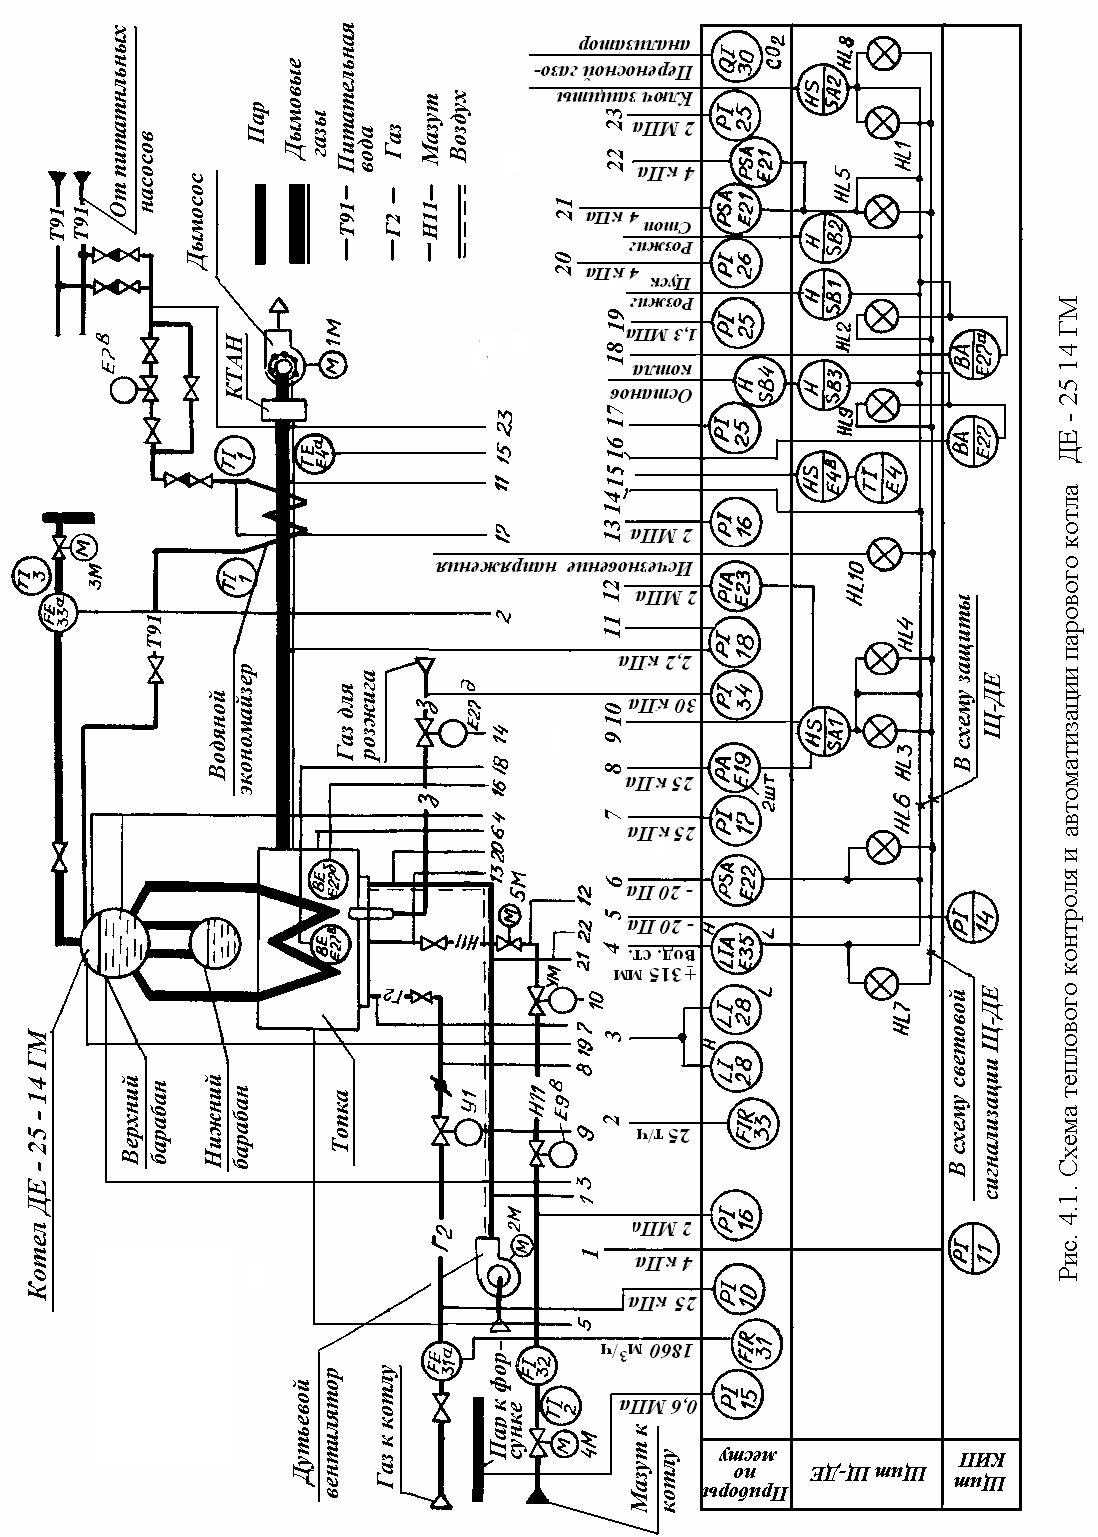 Автоматизация котельных установок реферат 4161